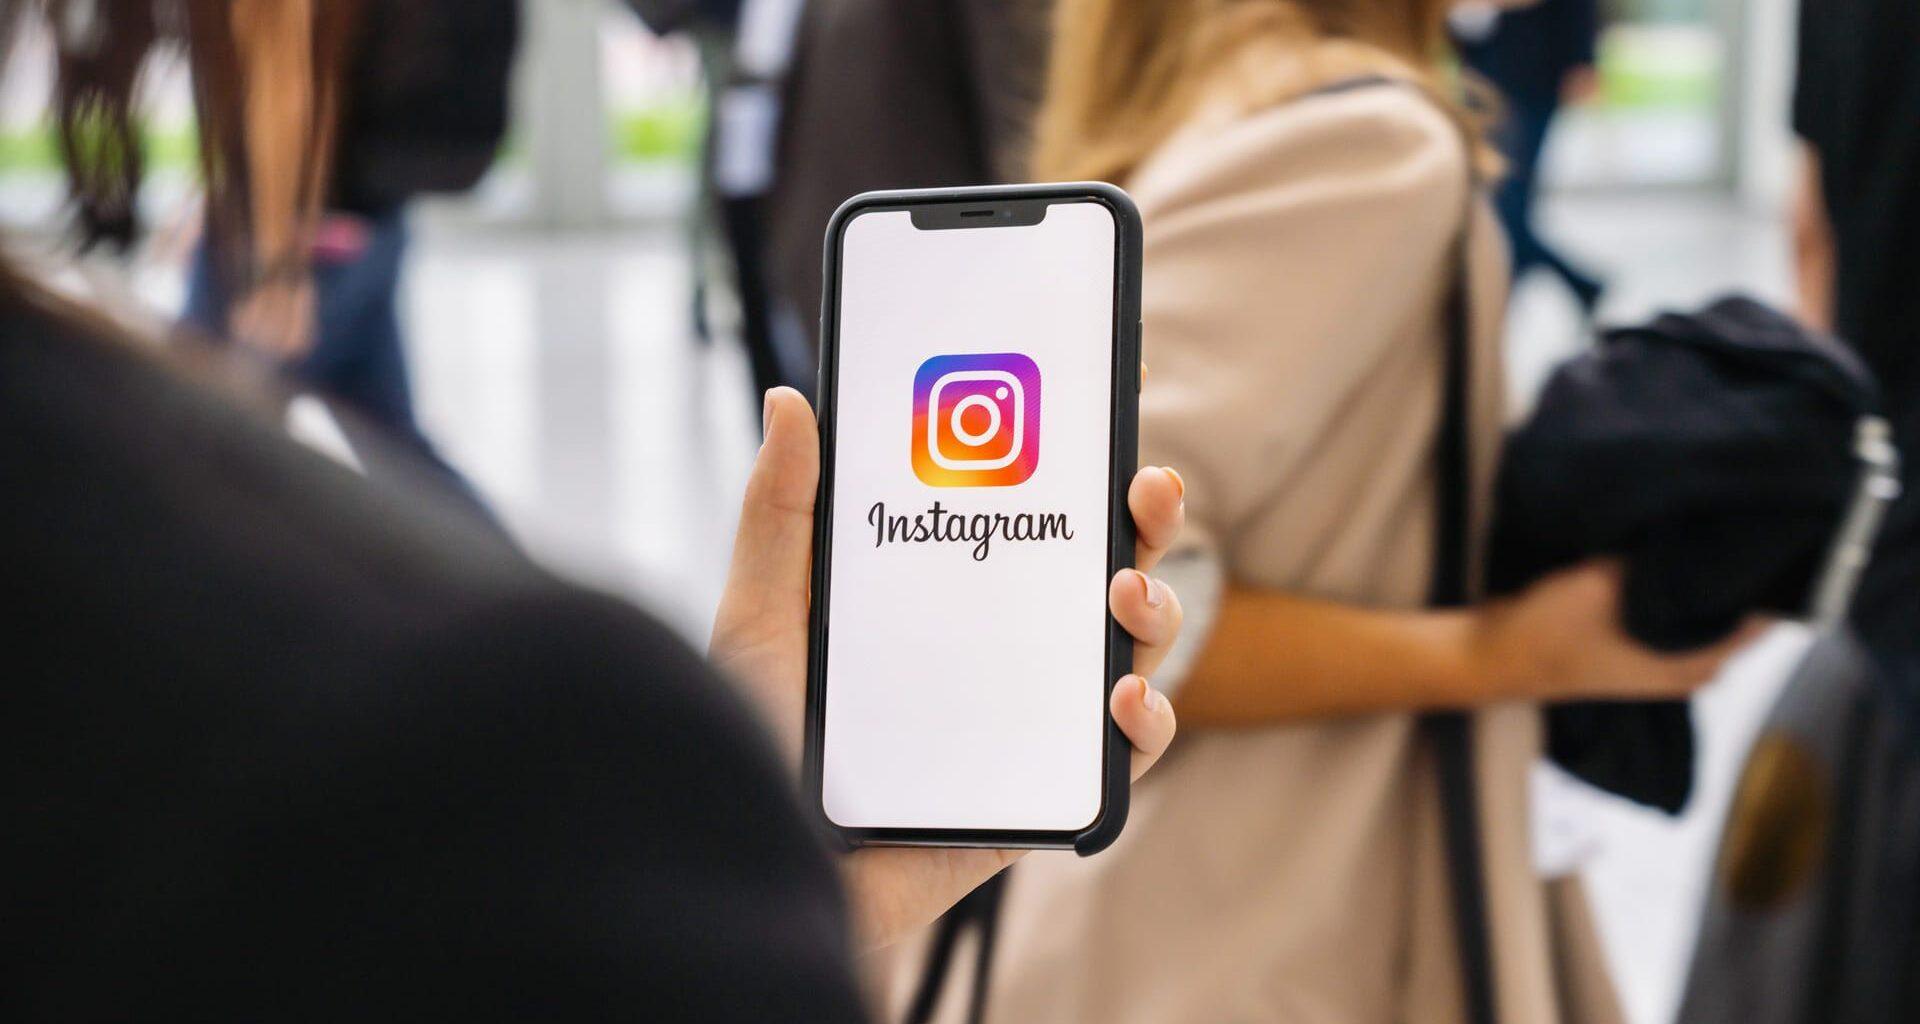 Instagram adiciona novos recursos de agendamento de lives e modo prática